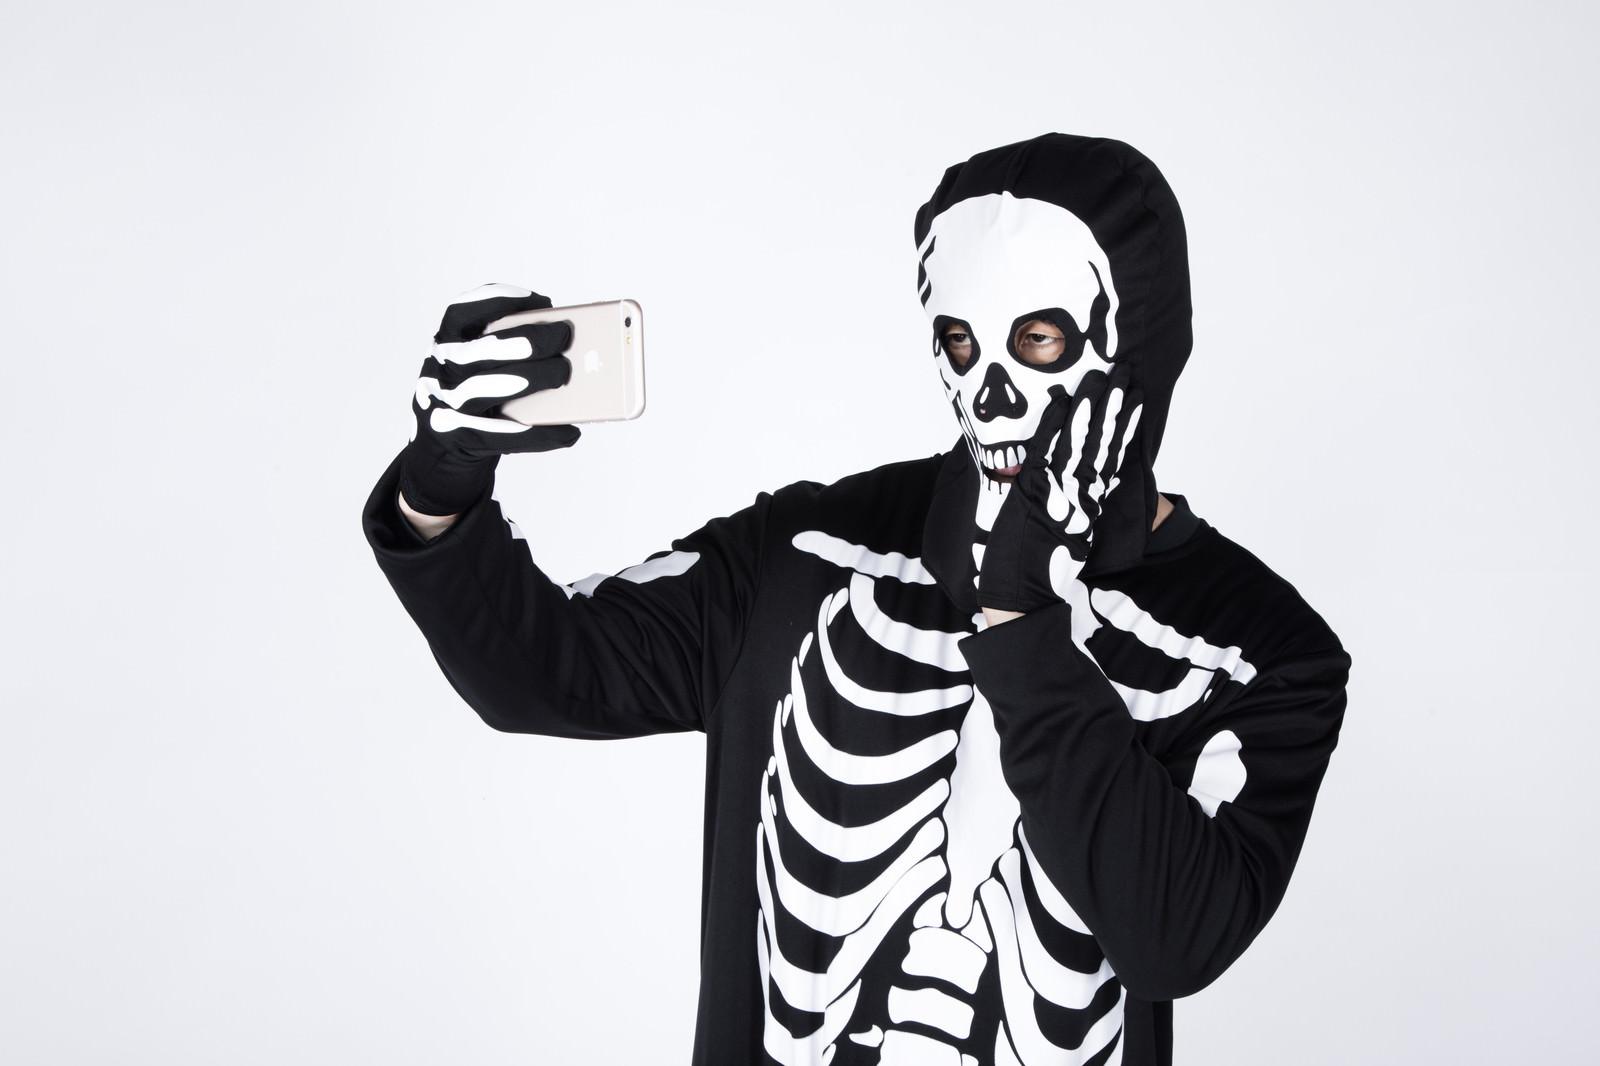 「骨になっても虫歯ポーズで盛る読モ骨になっても虫歯ポーズで盛る読モ」[モデル:大川竜弥]のフリー写真素材を拡大